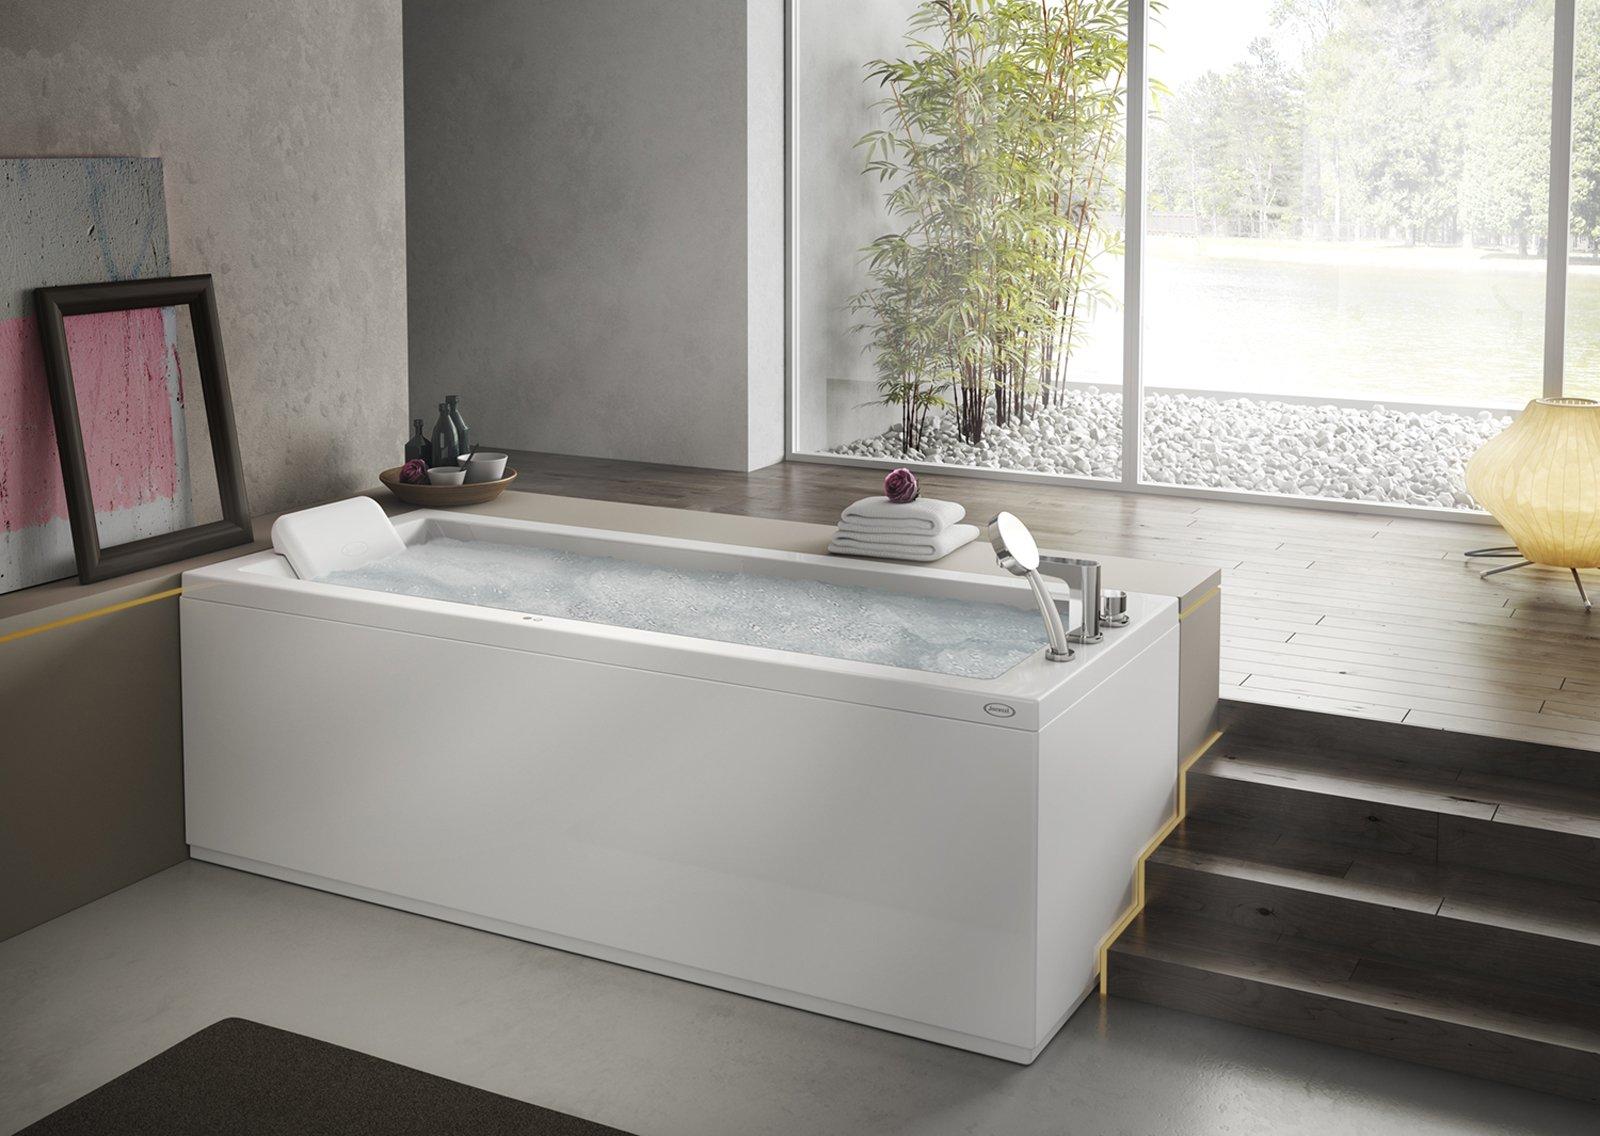 Le vasche idromassaggio cose di casa - Vasca da bagno da incasso prezzi ...